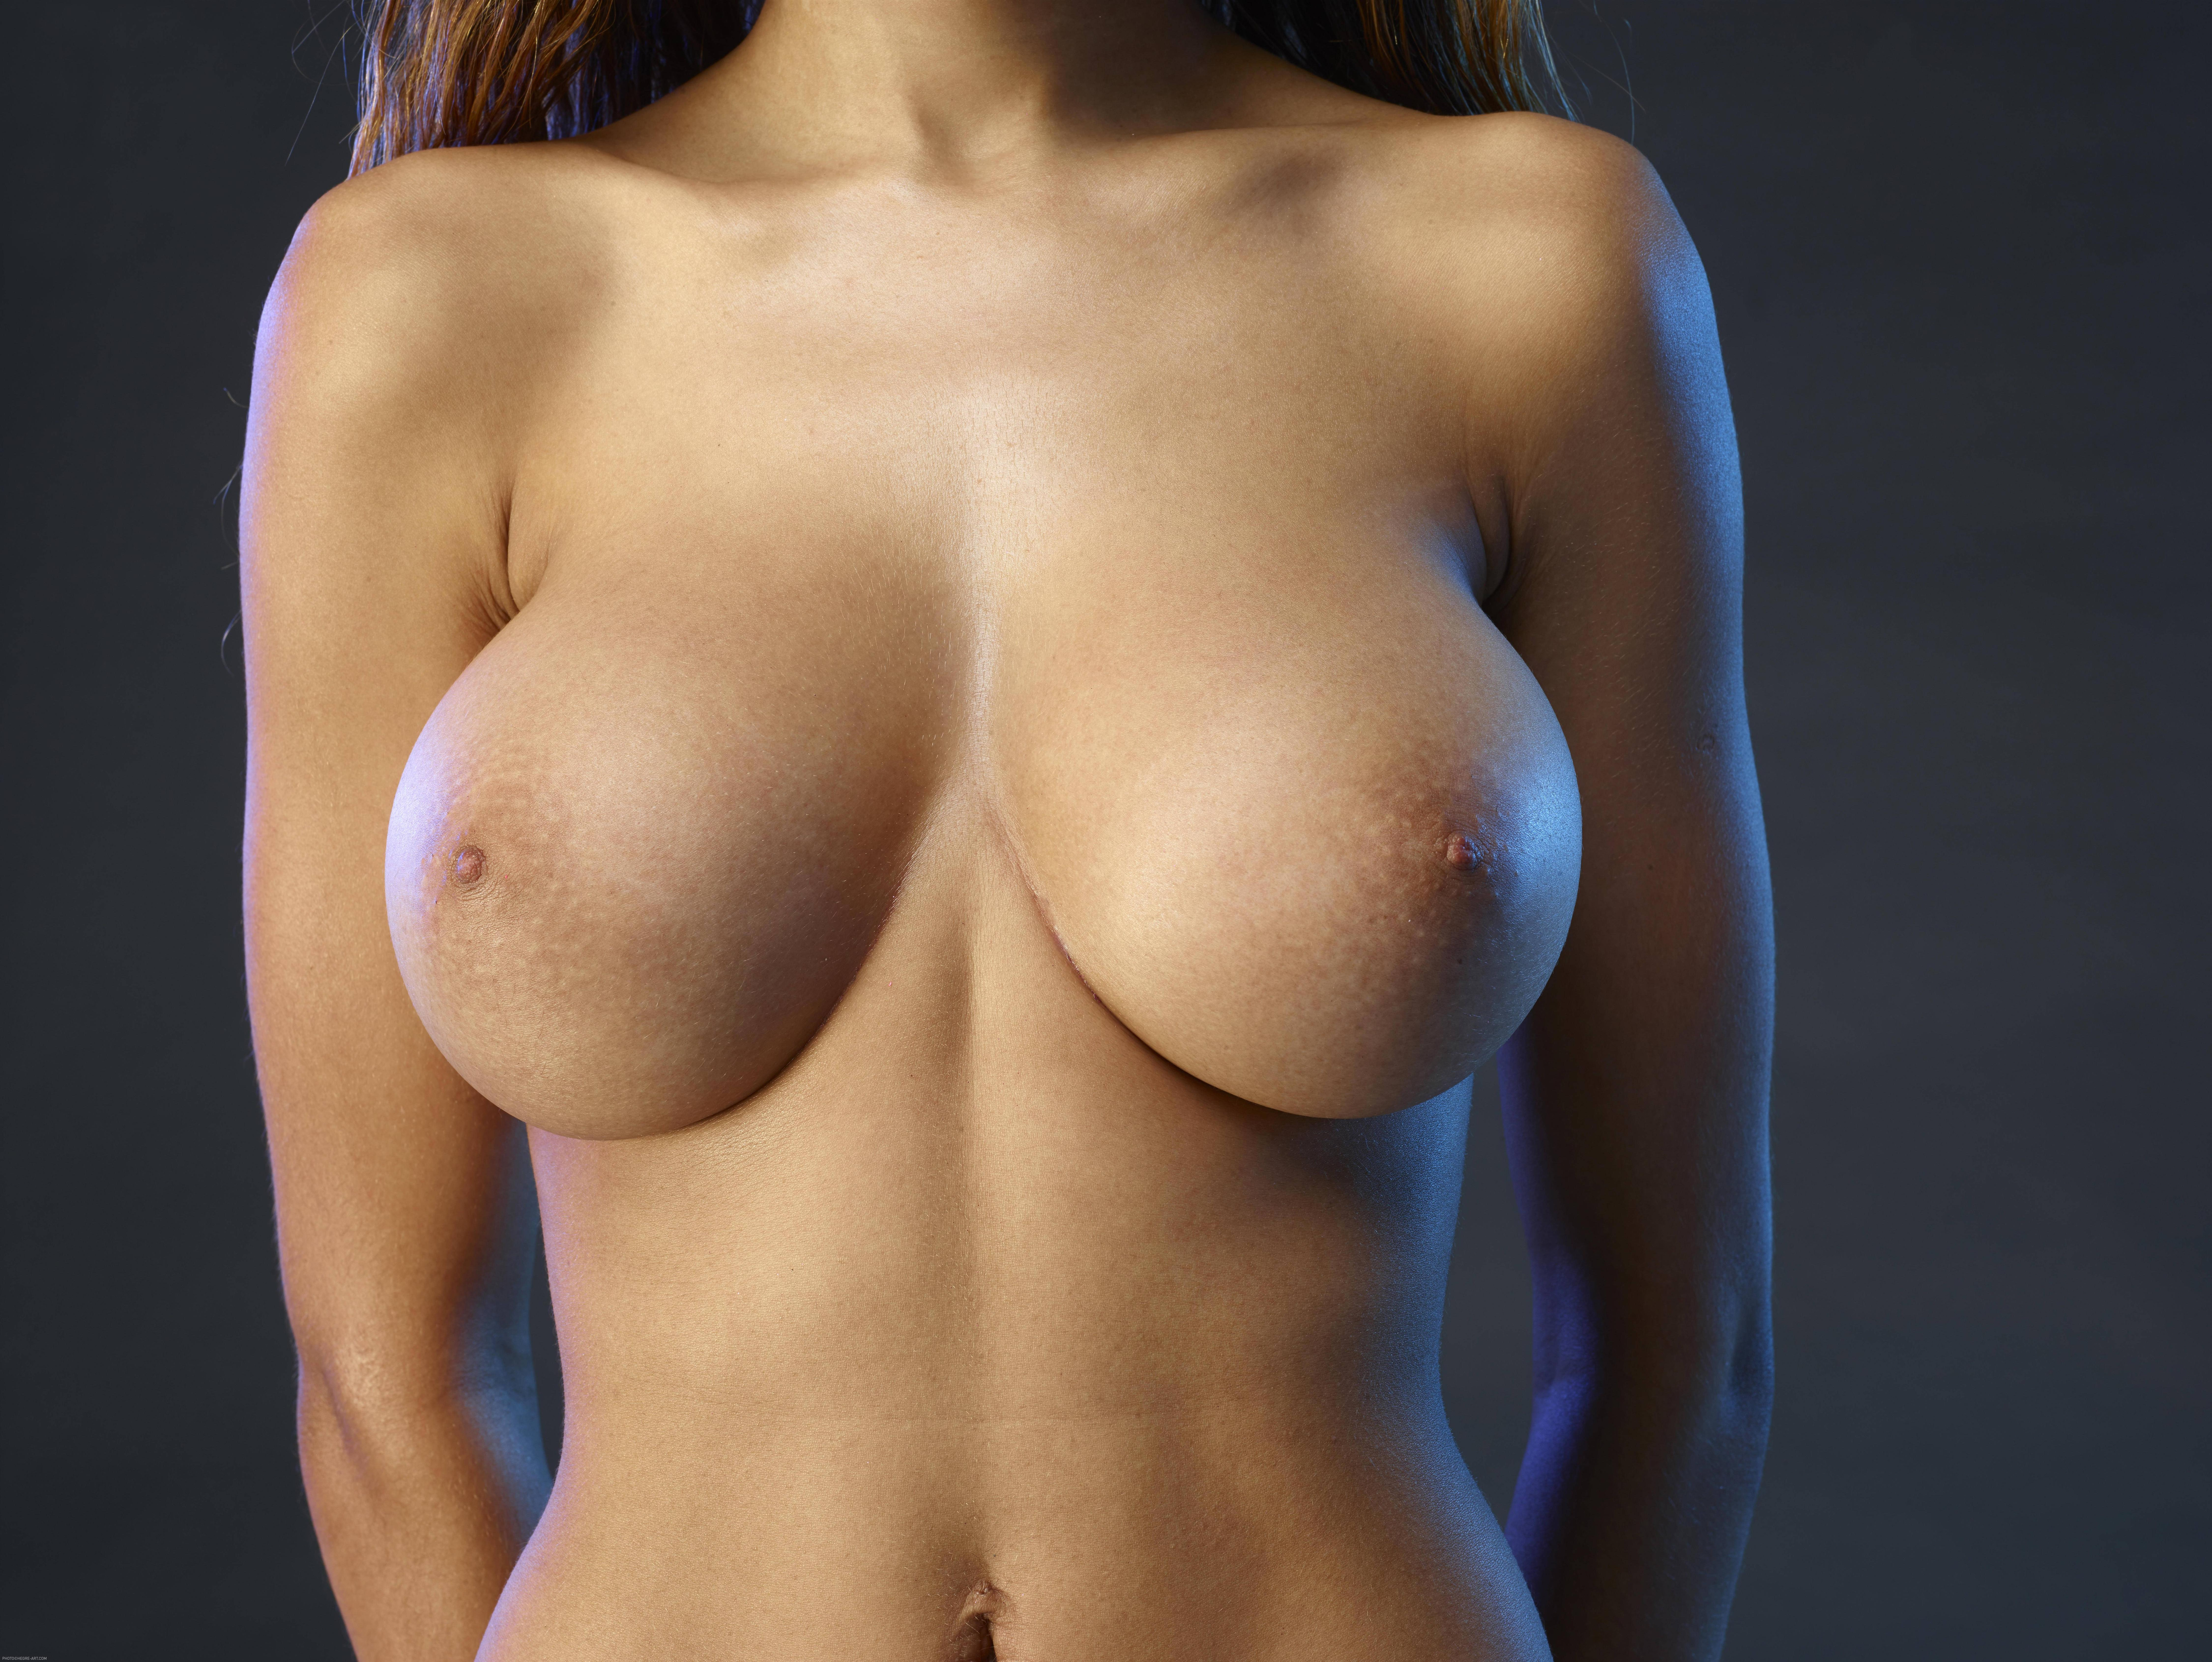 Tit Cutting Torture Hot Porn